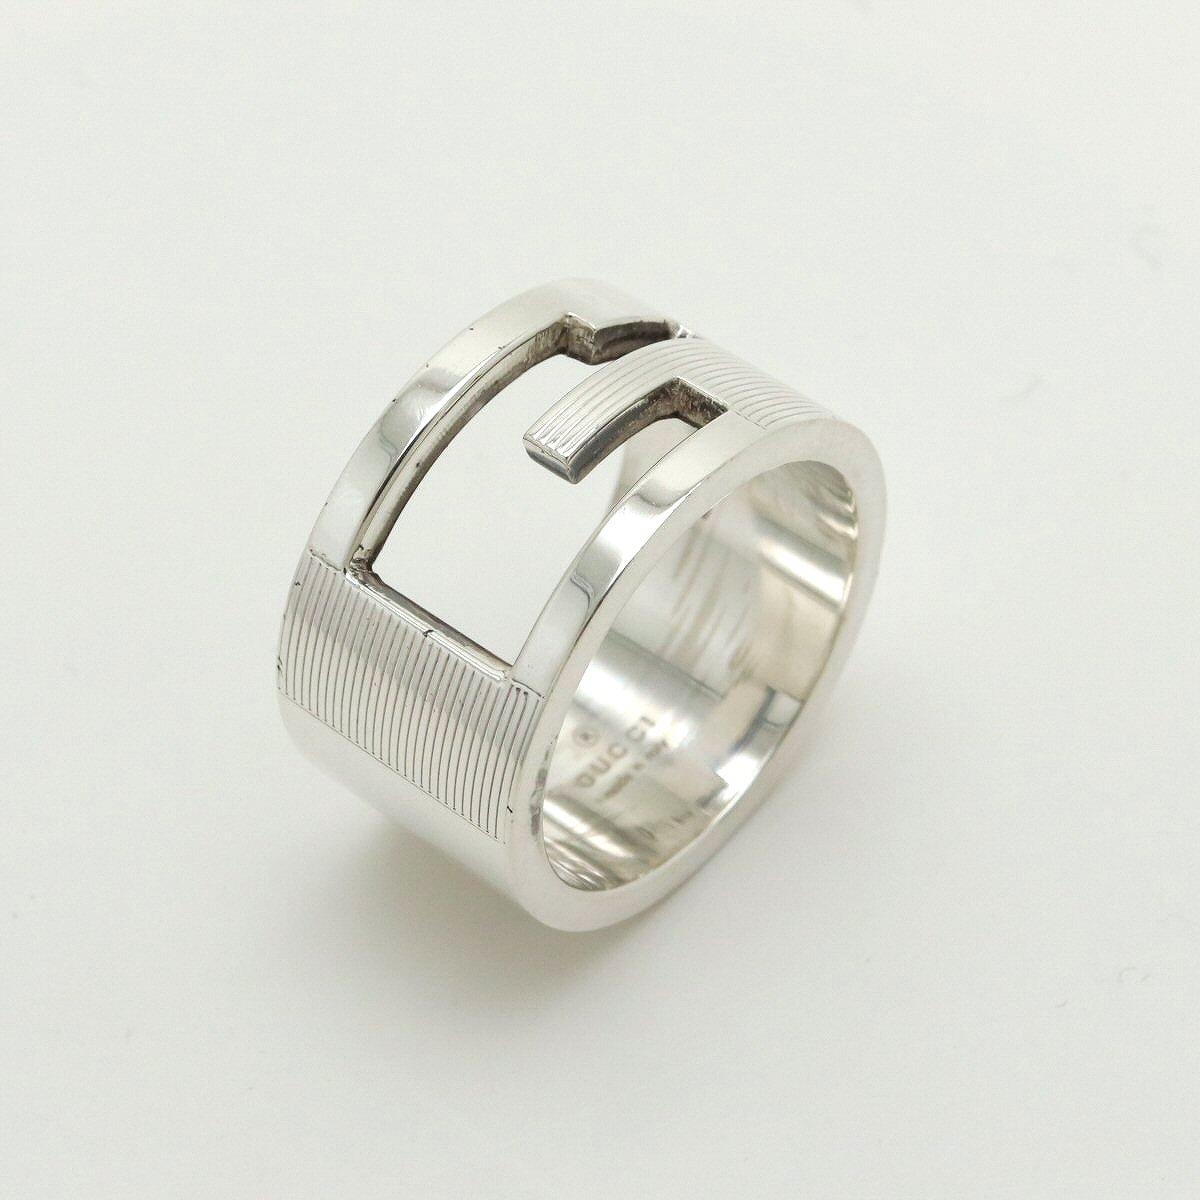 【新品仕上げ済】【ジュエリー】GUCCI グッチ ブランデッドG リング オープンGリング 指輪 SV925 シルバー 16号 #16 【中古】